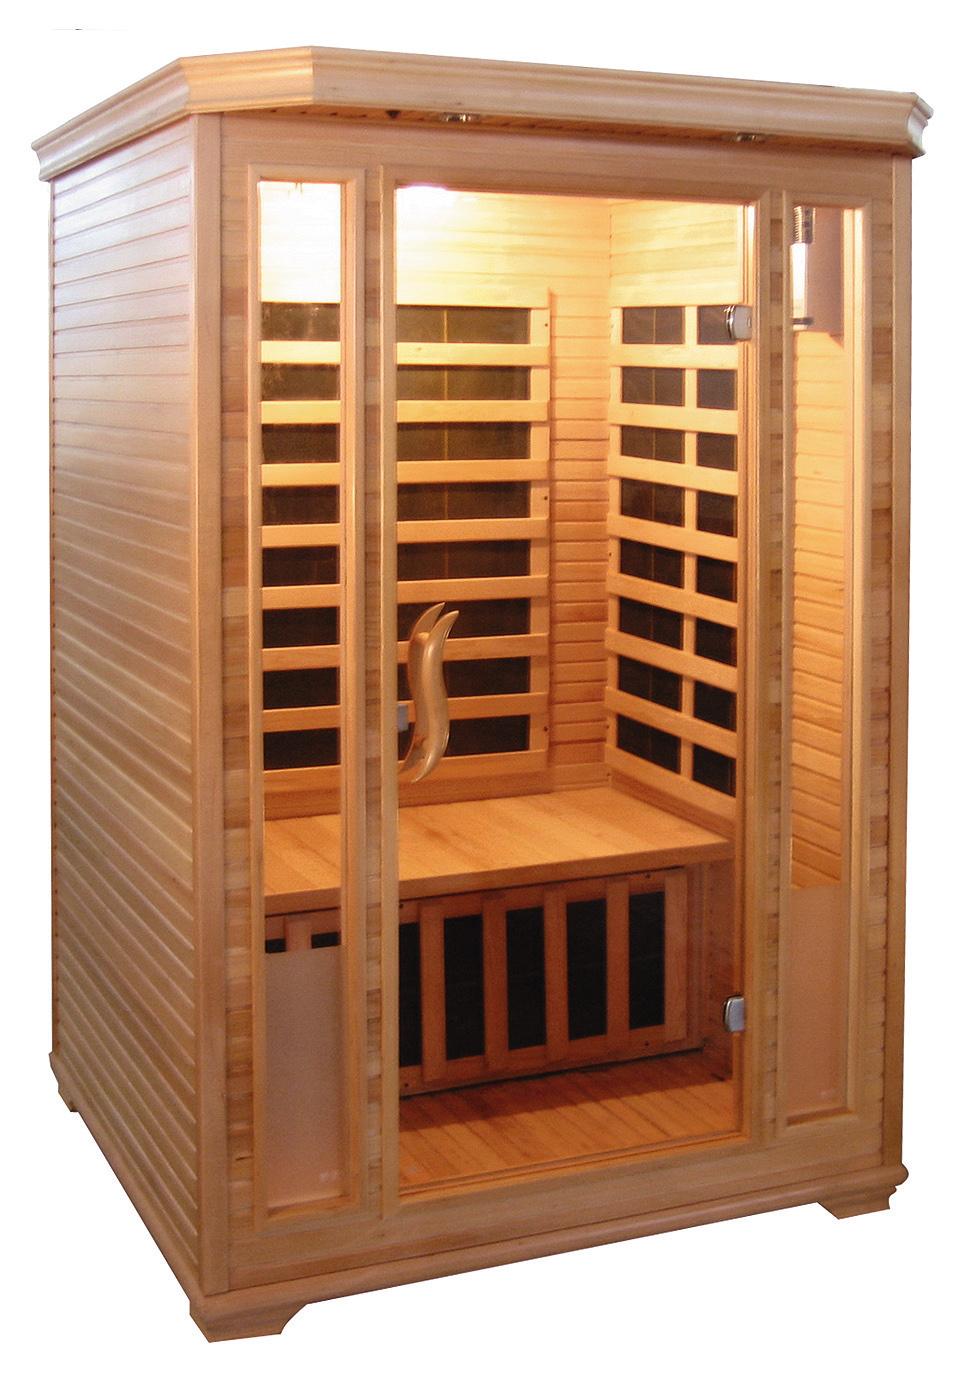 Сауны-кабины: выбираем для квартиры и дома кабинку-баню, готовые электрические, финские, совмещенные с душевой и другие домашние модели